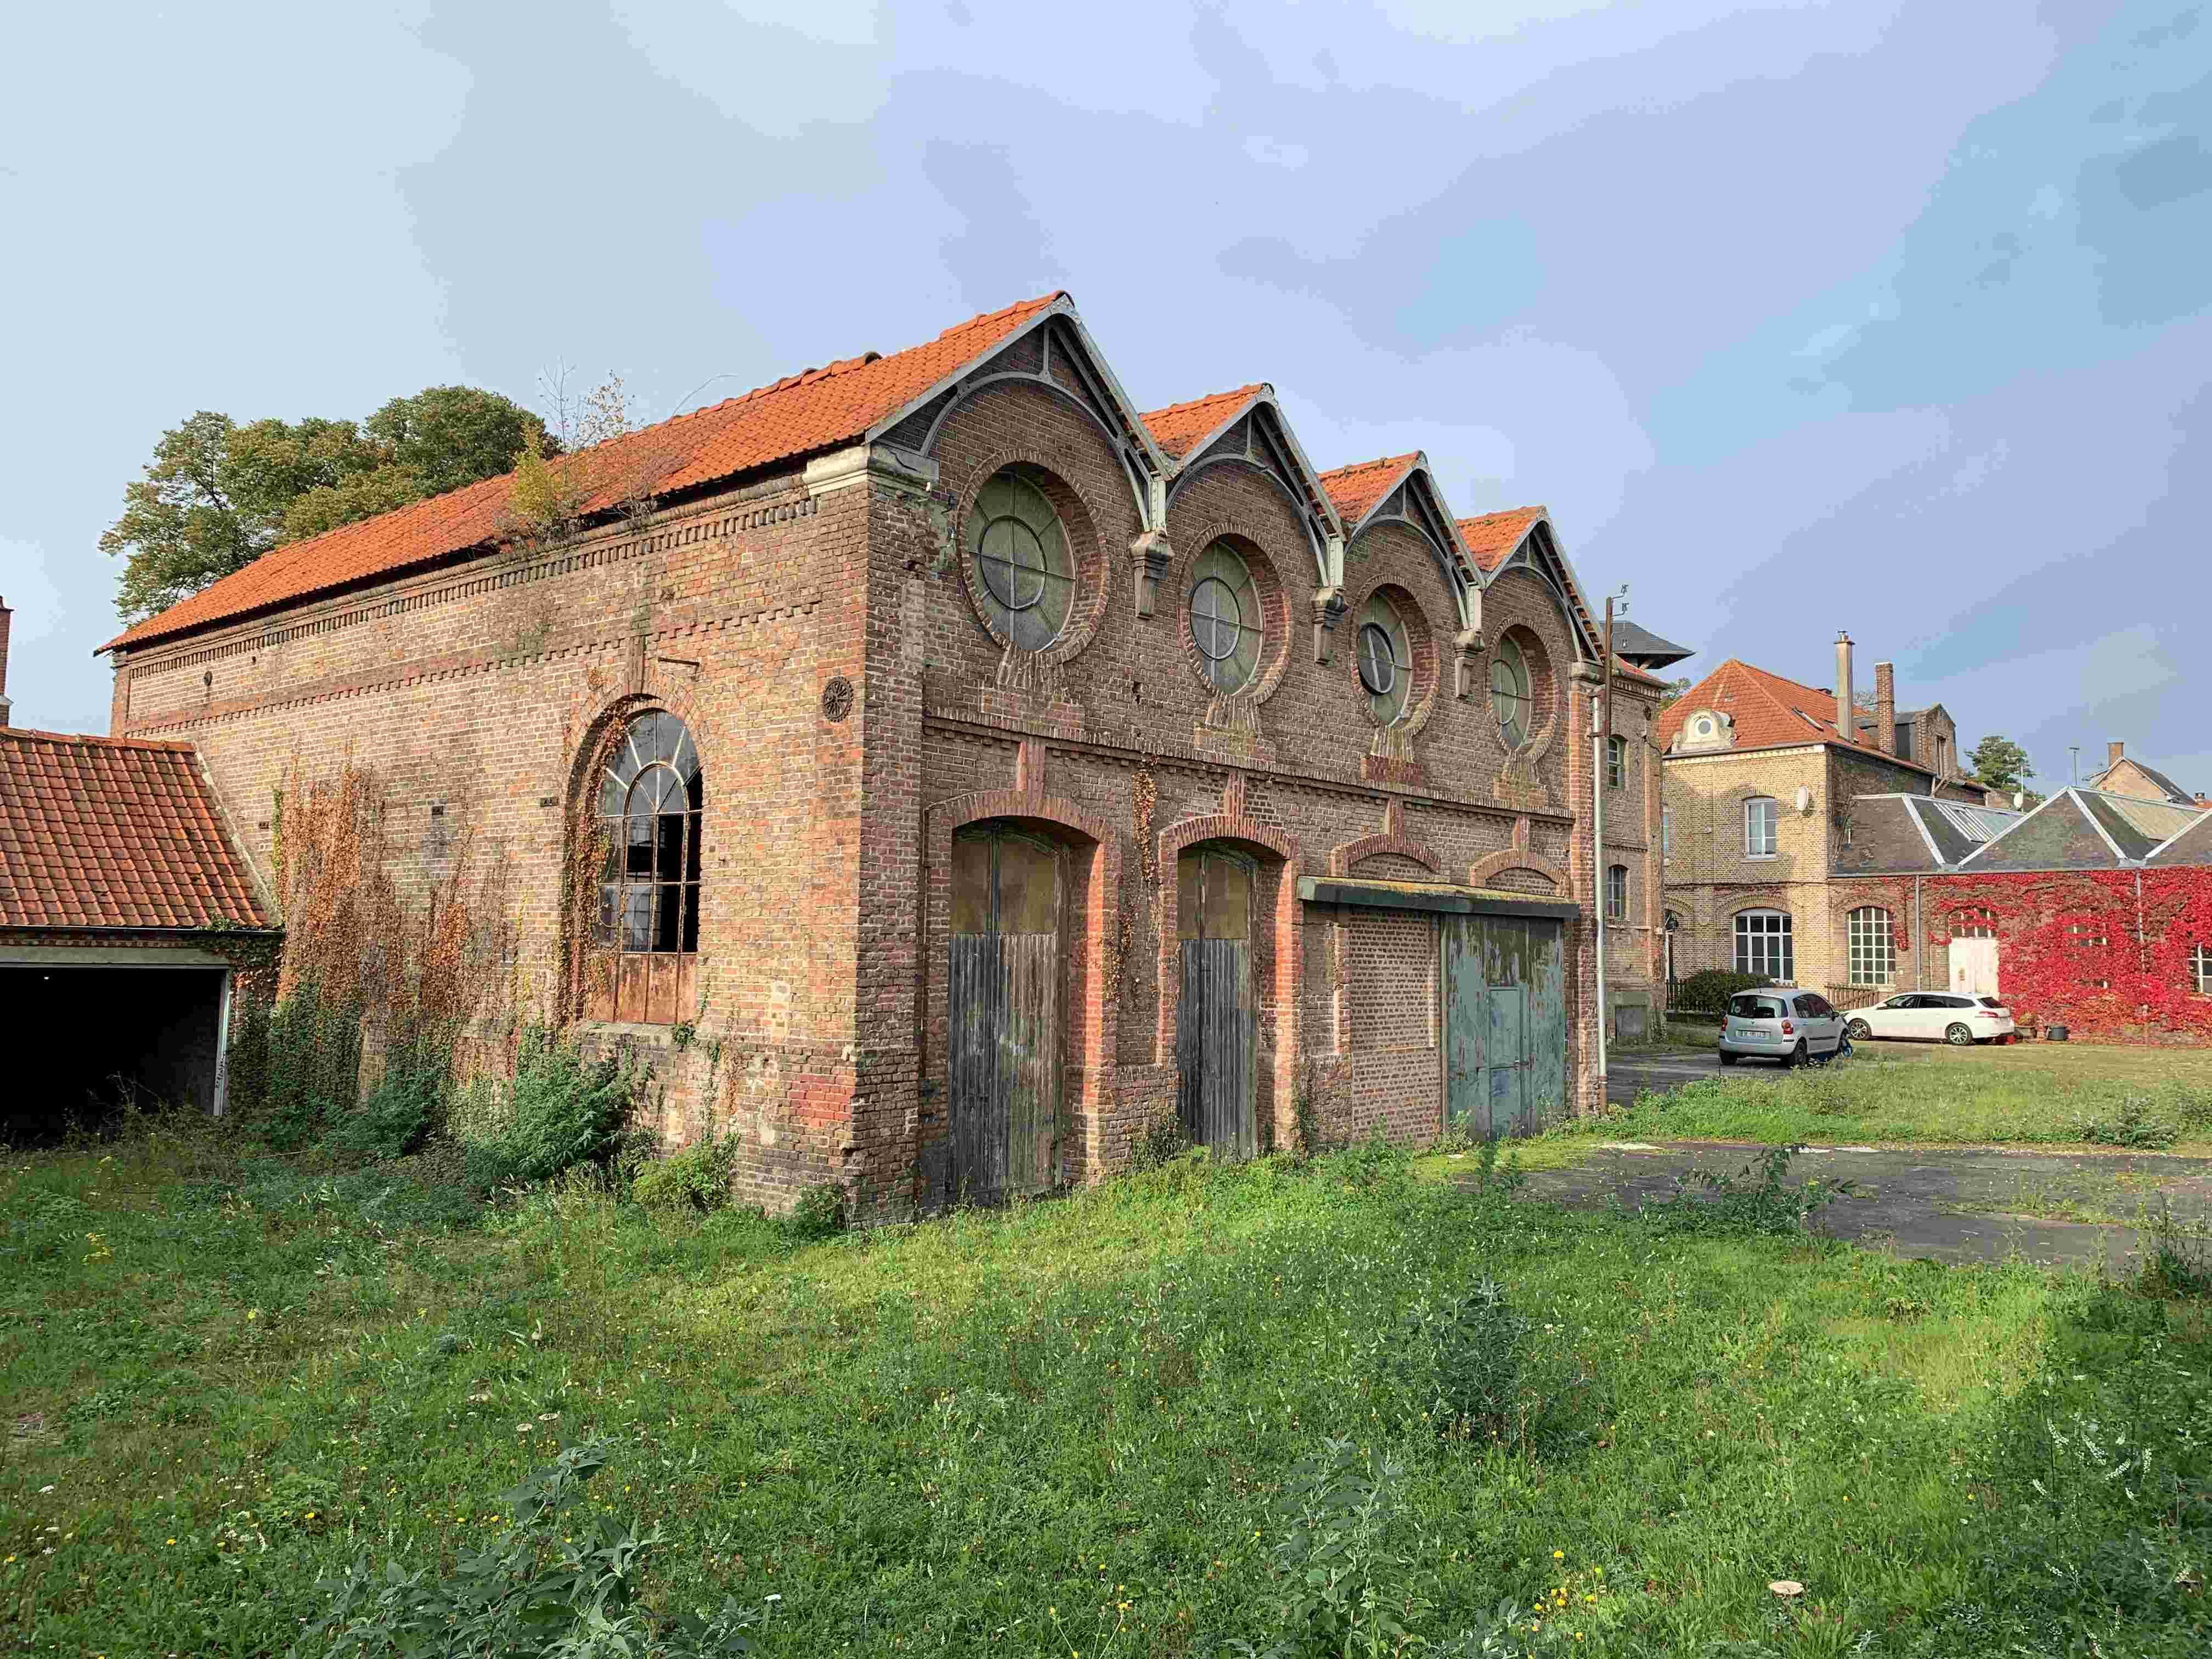 Visite du site Trocmé Vallart Emballage (Ancienne Usine Saint Frères)